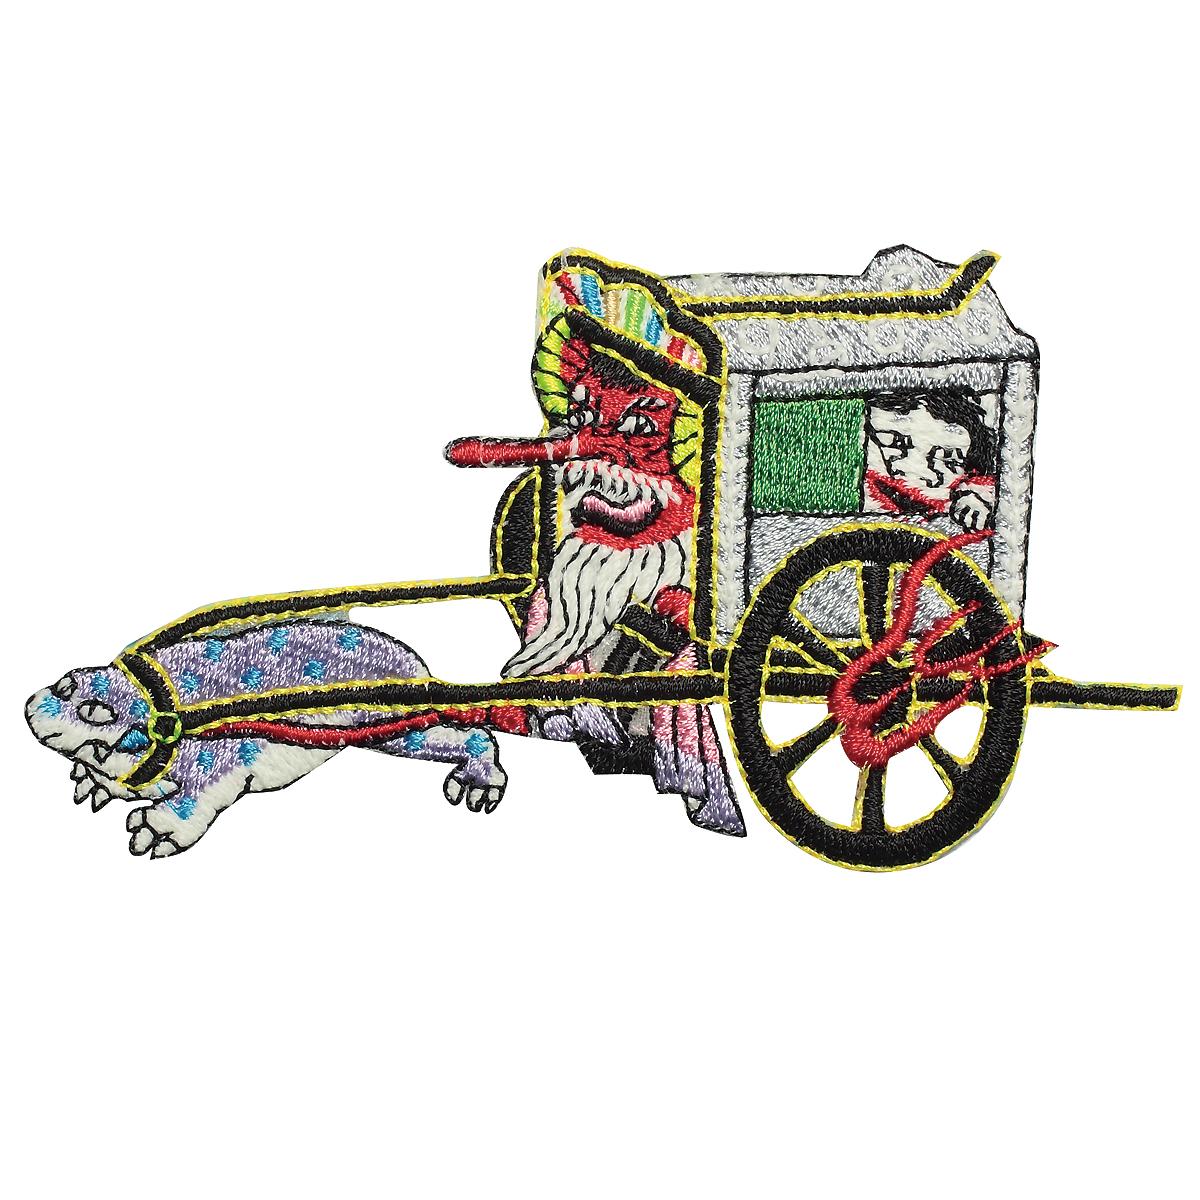 KYWS-150/ワッペン/朧車/おぼろぐるま/【ゆうパケット可】